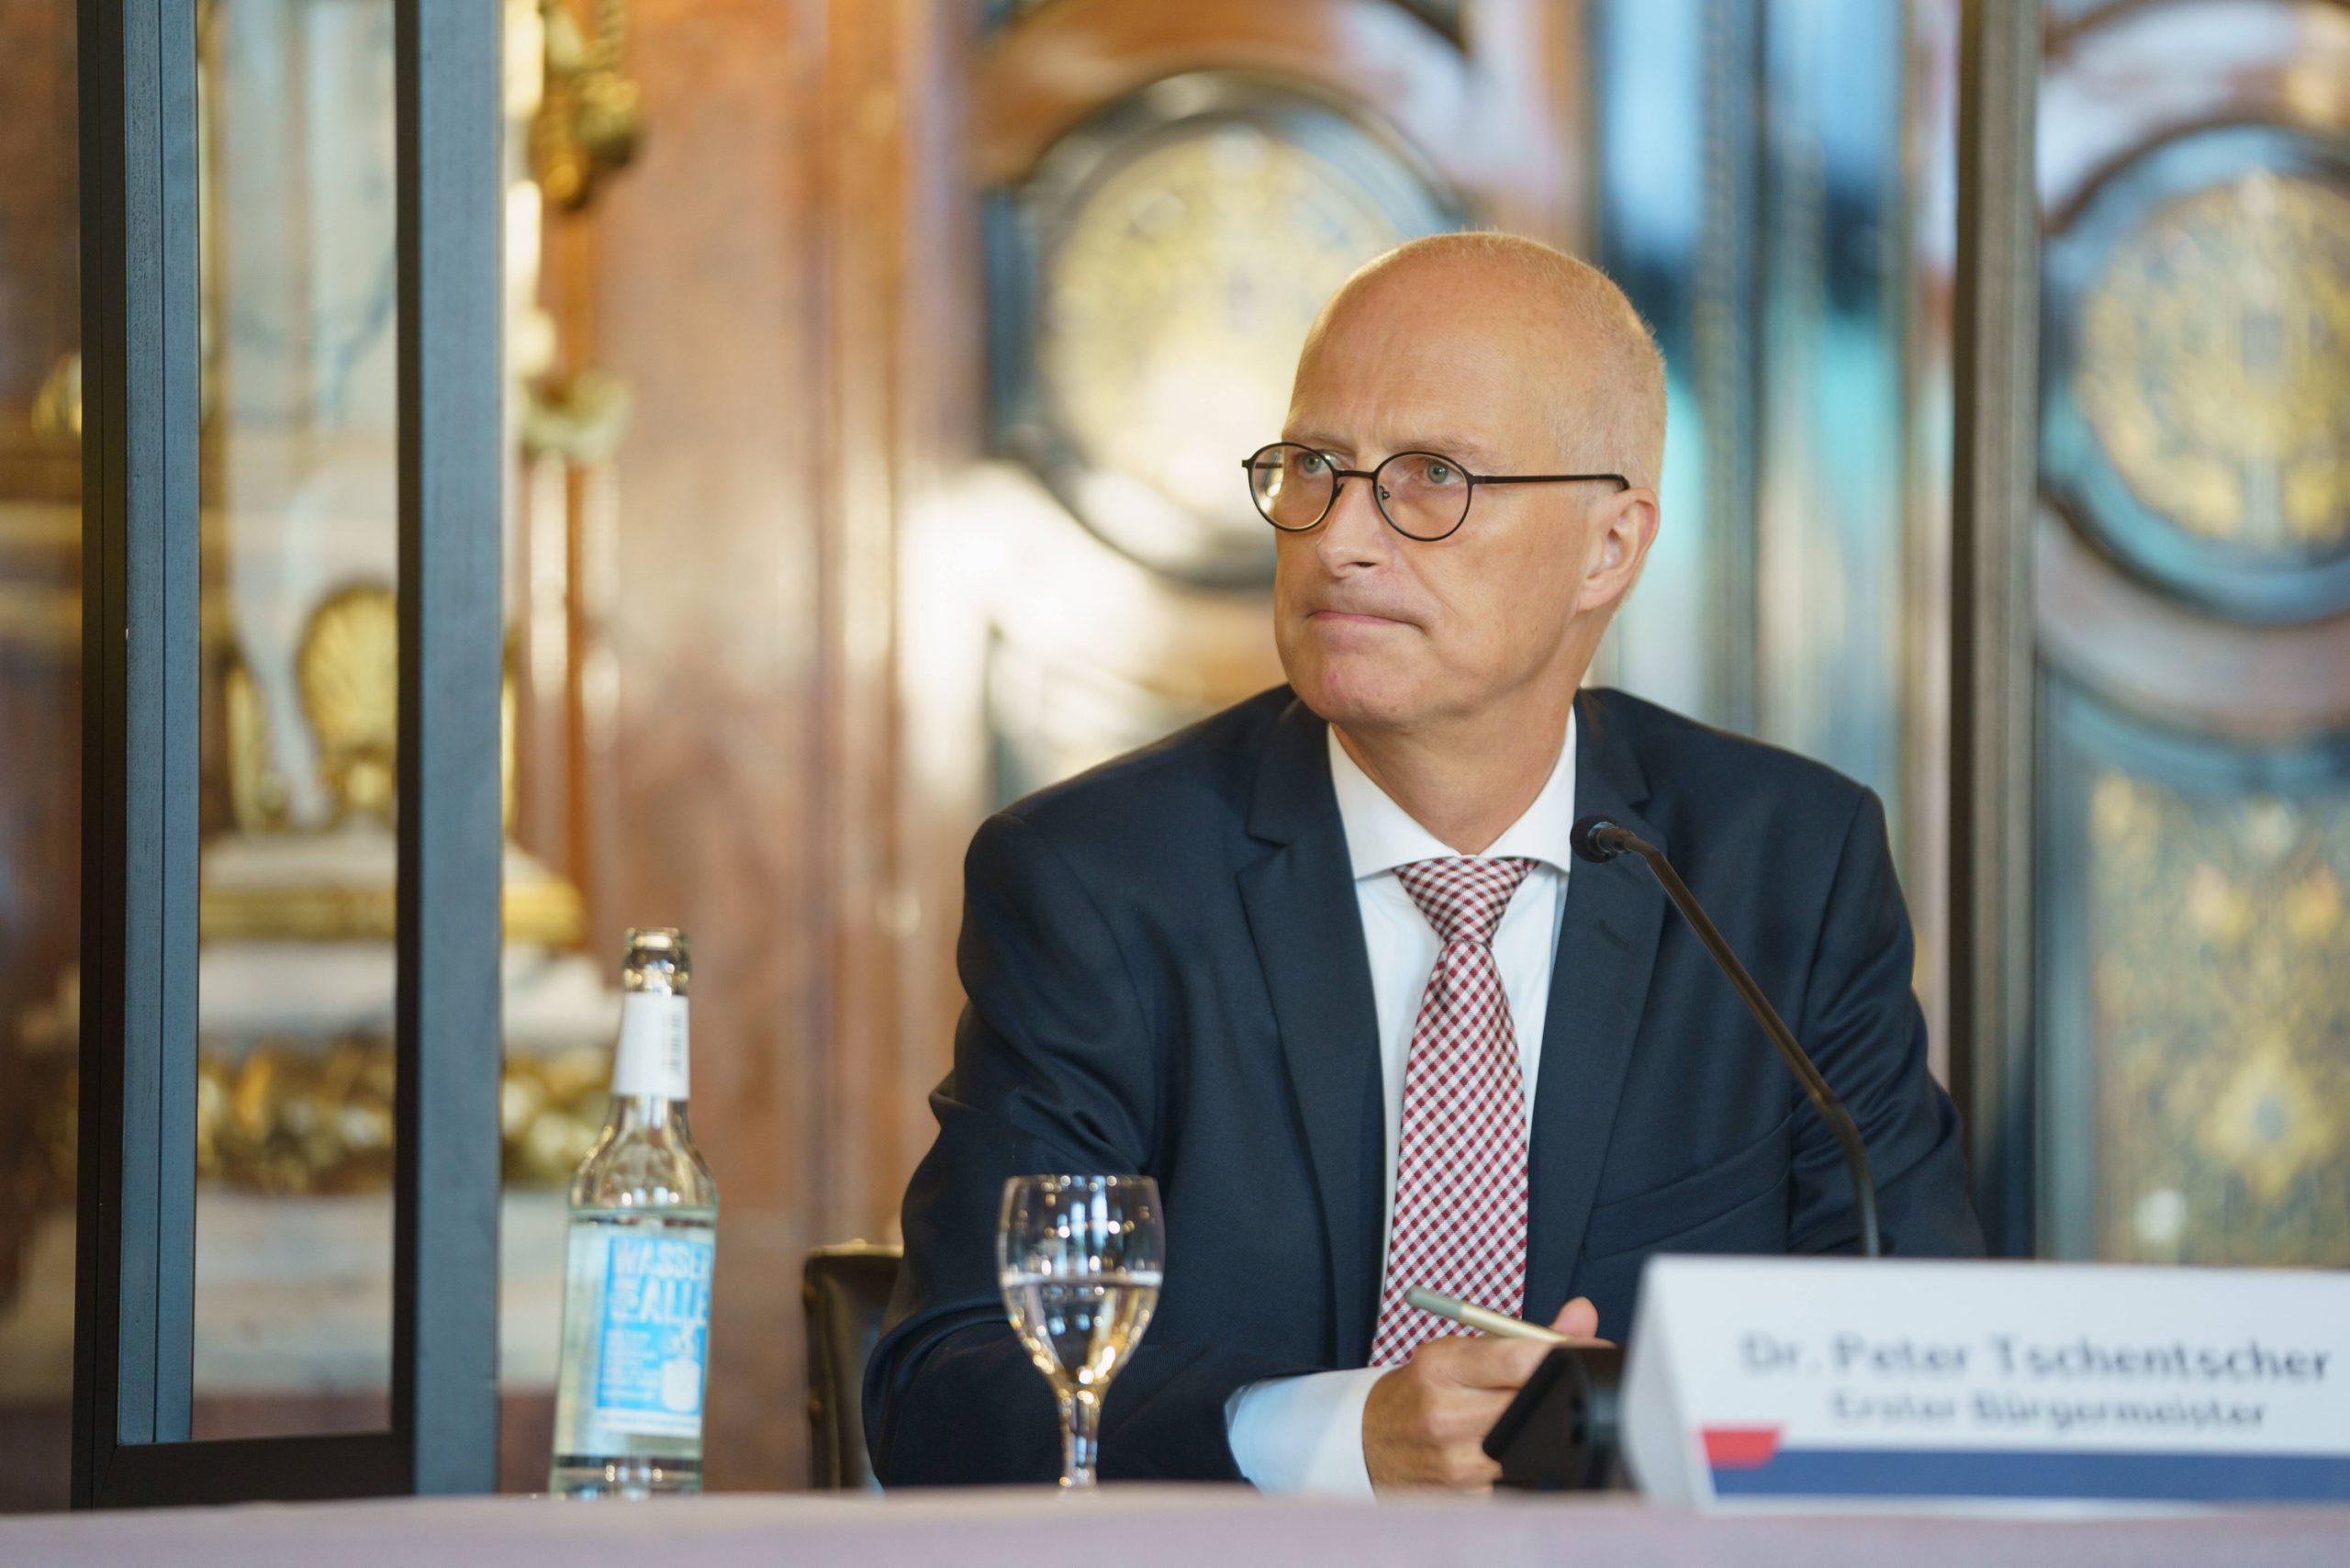 Peter Tschentscher Hamurg Bürgermeister